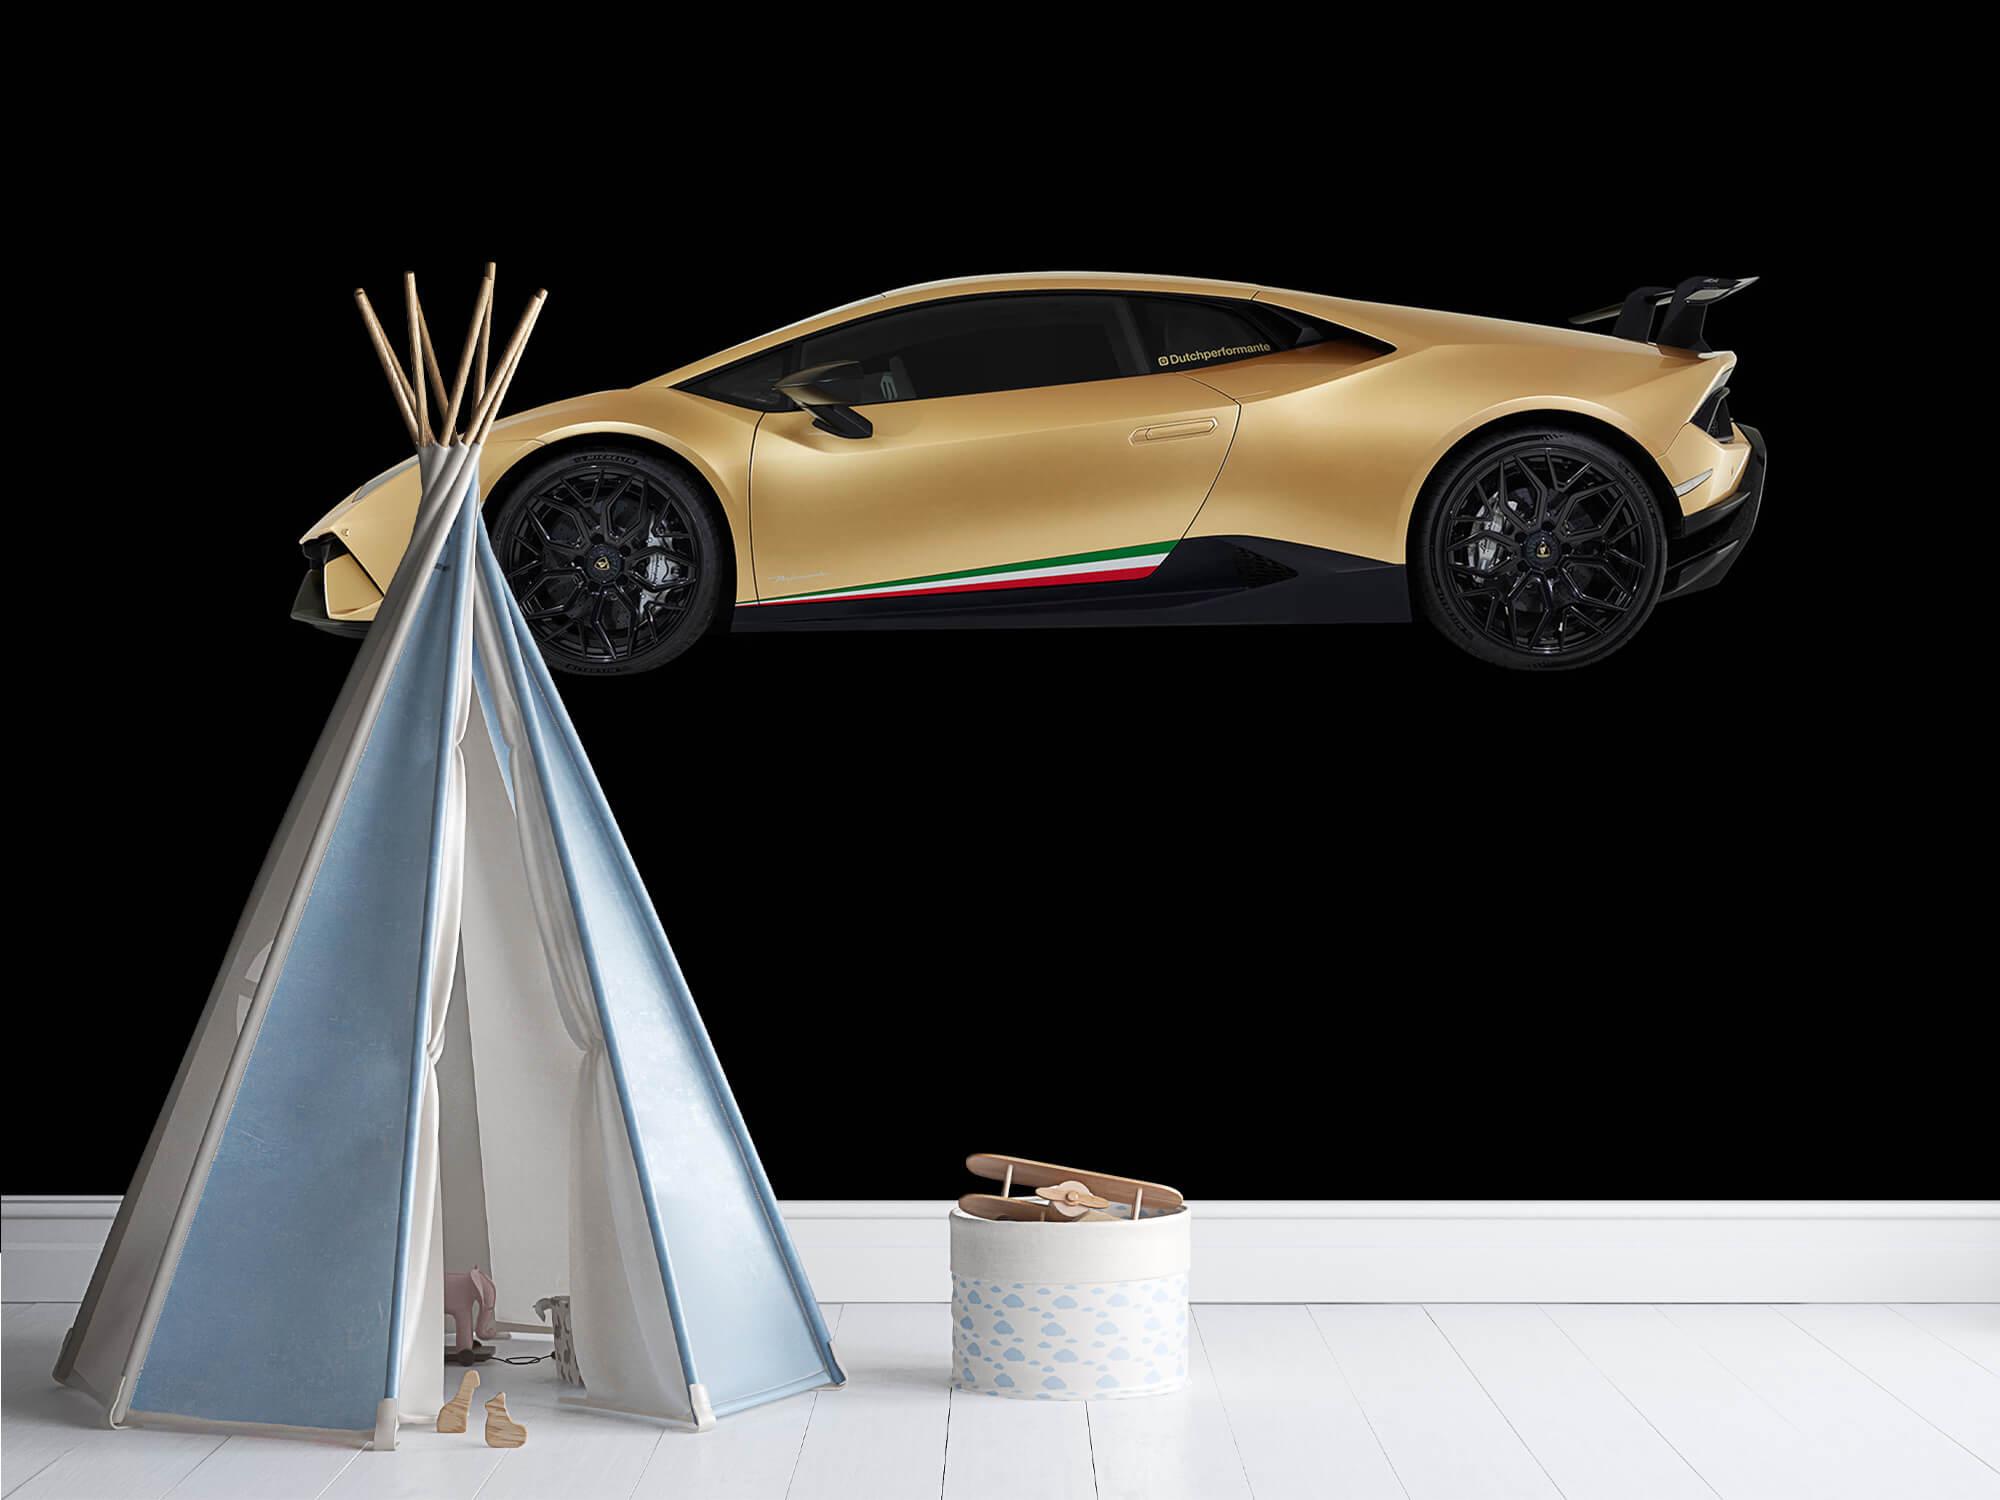 Wallpaper Lamborghini Huracán - Sida, svart 11